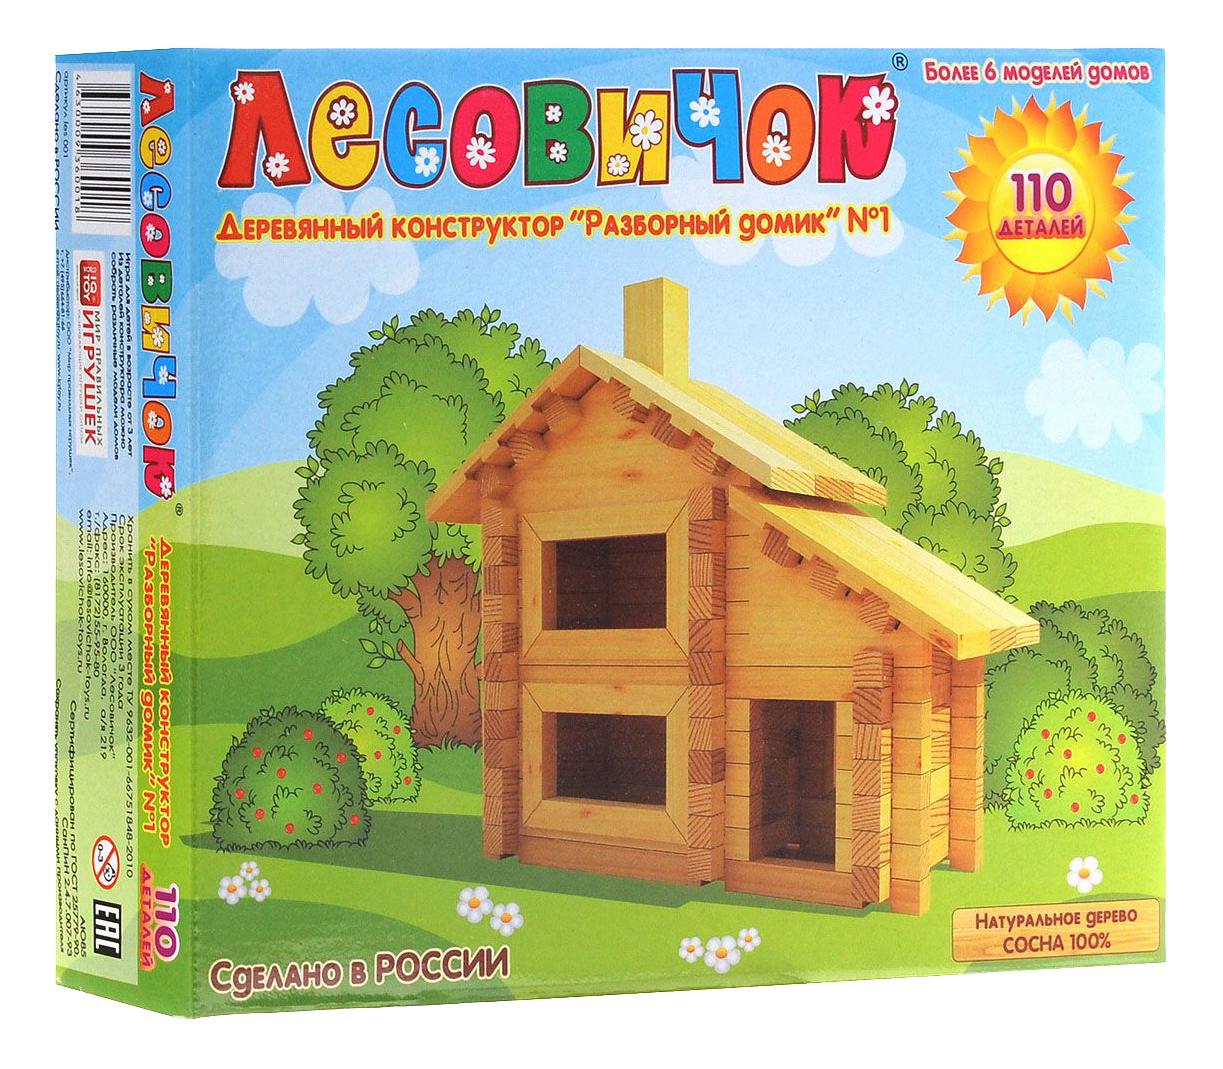 Купить Разборный домик №1, Конструктор деревянный Лесовичок Домик №1, Деревянные конструкторы